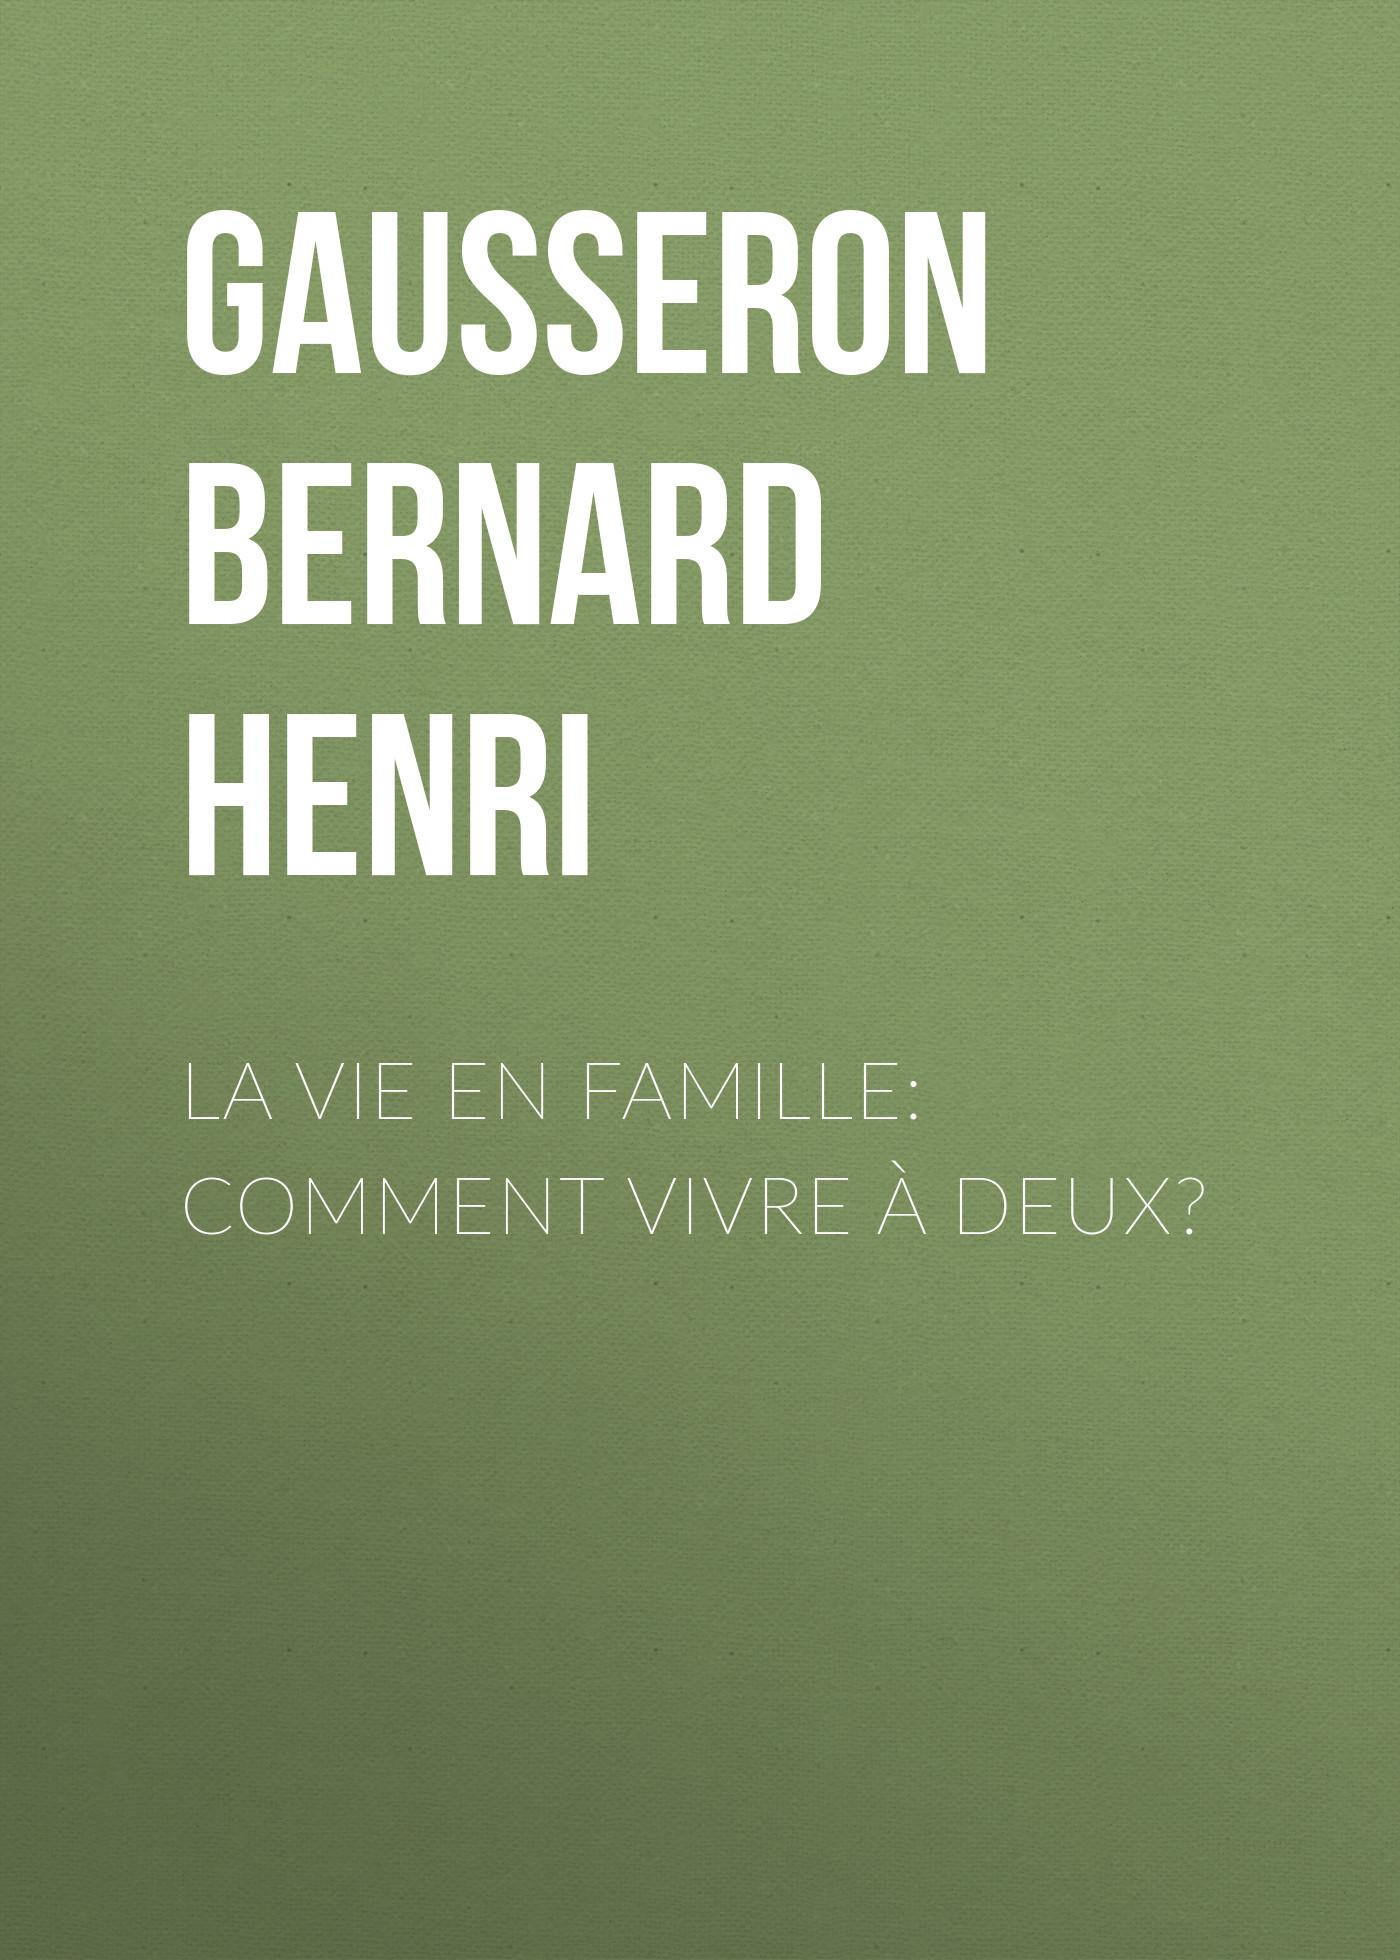 Gausseron Bernard Henri La Vie en Famille: Comment Vivre à Deux? christian bernard comment devenir plus sexy à l'âge adulte attraction sexuelle à l'âge adulte